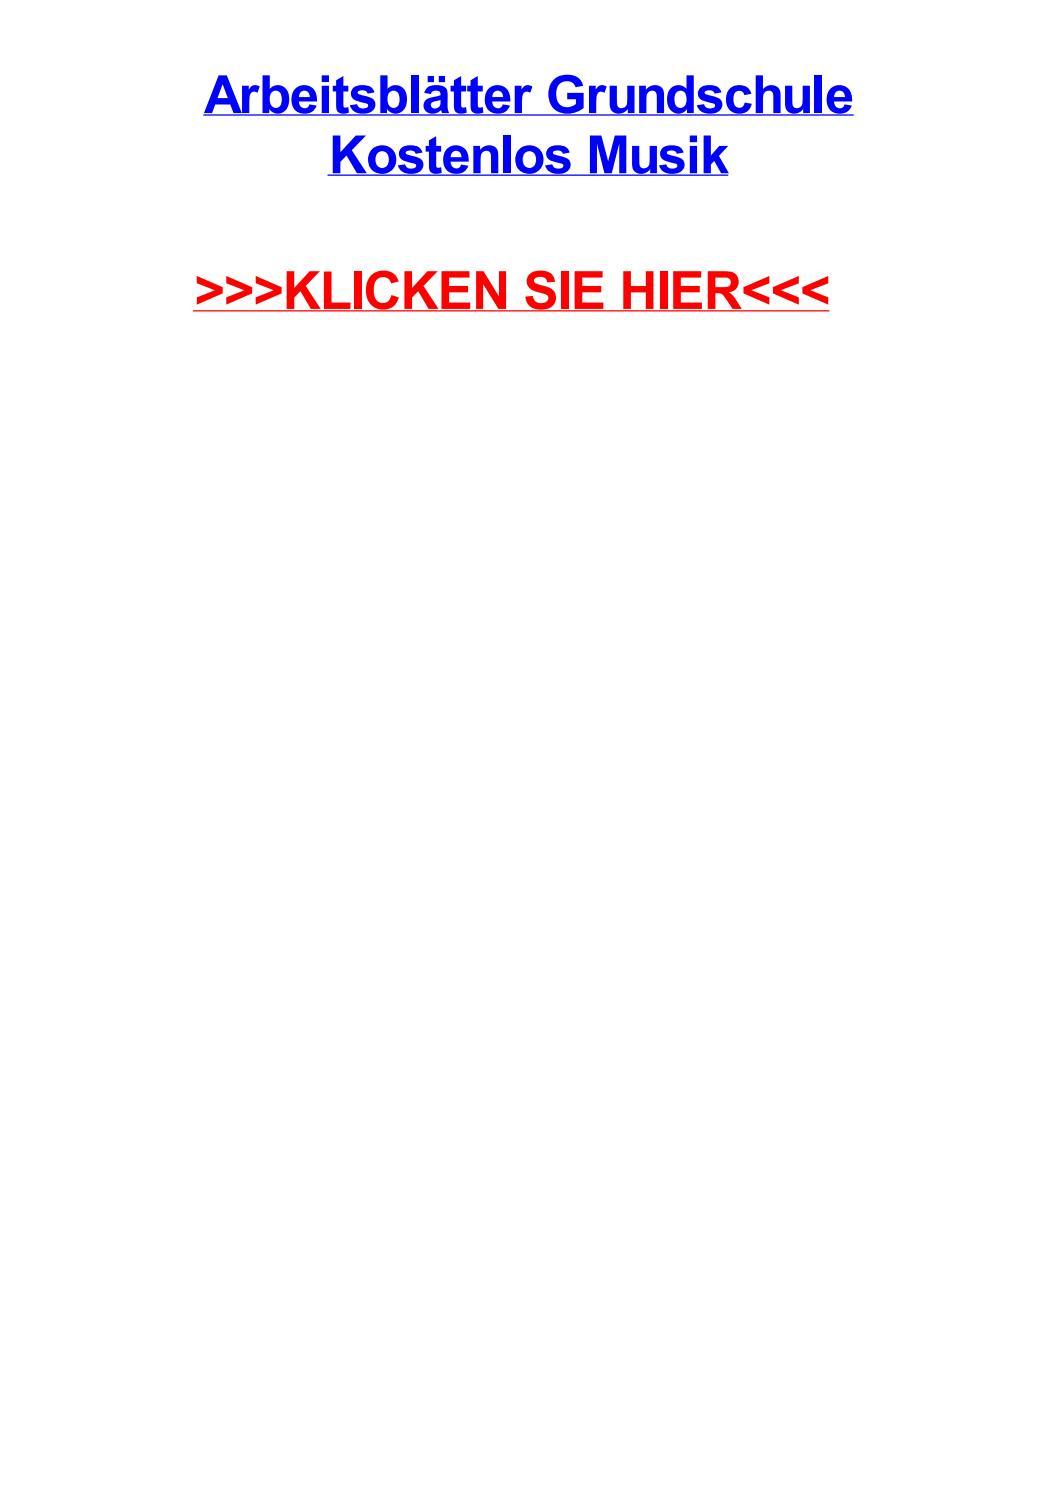 Großzügig Musik Kritik Arbeitsblatt Bilder - Super Lehrer ...